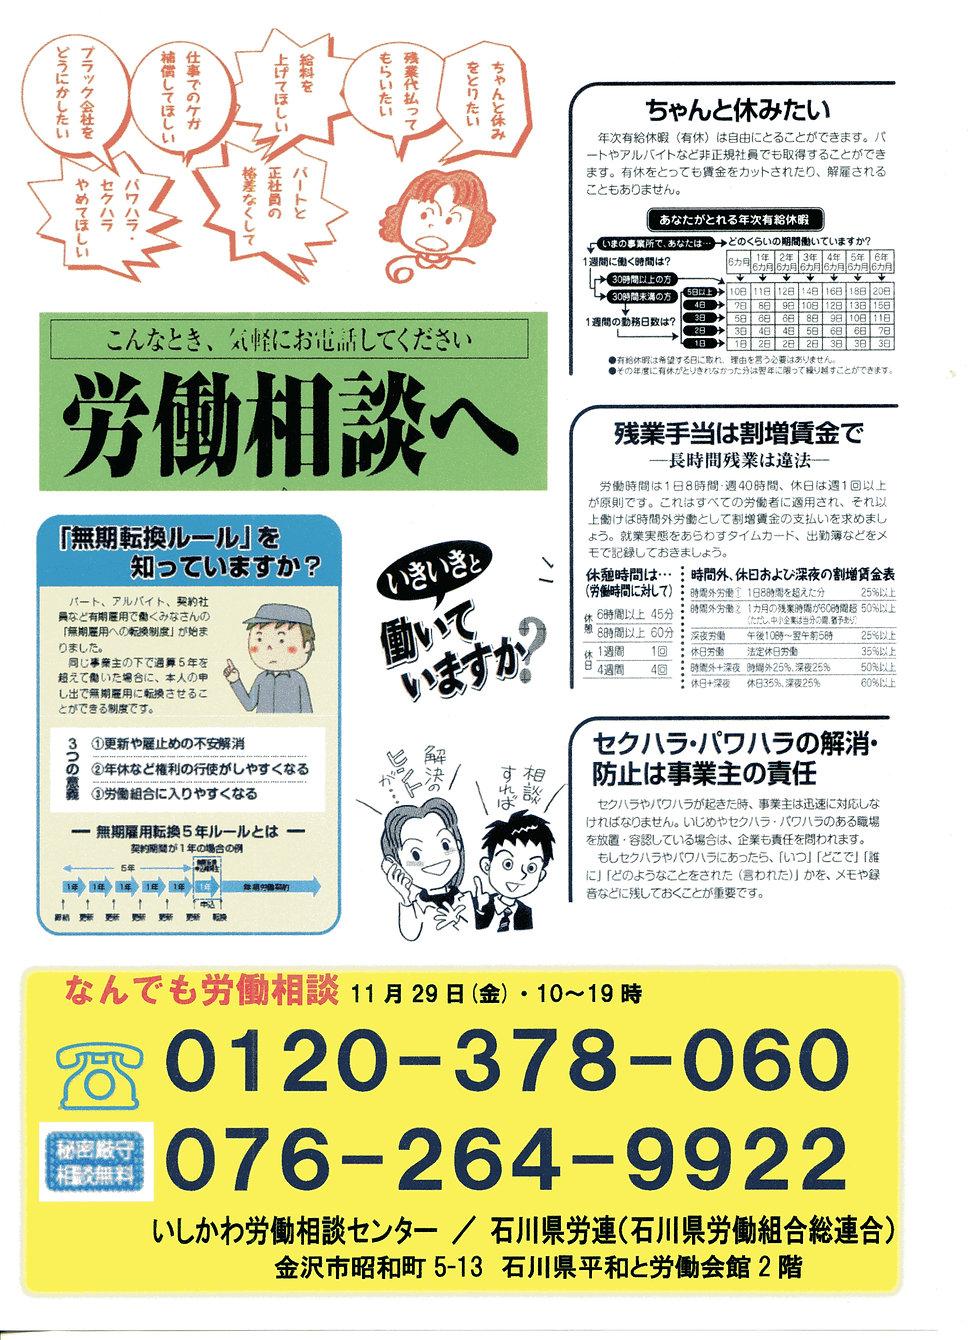 労働相談003.jpg